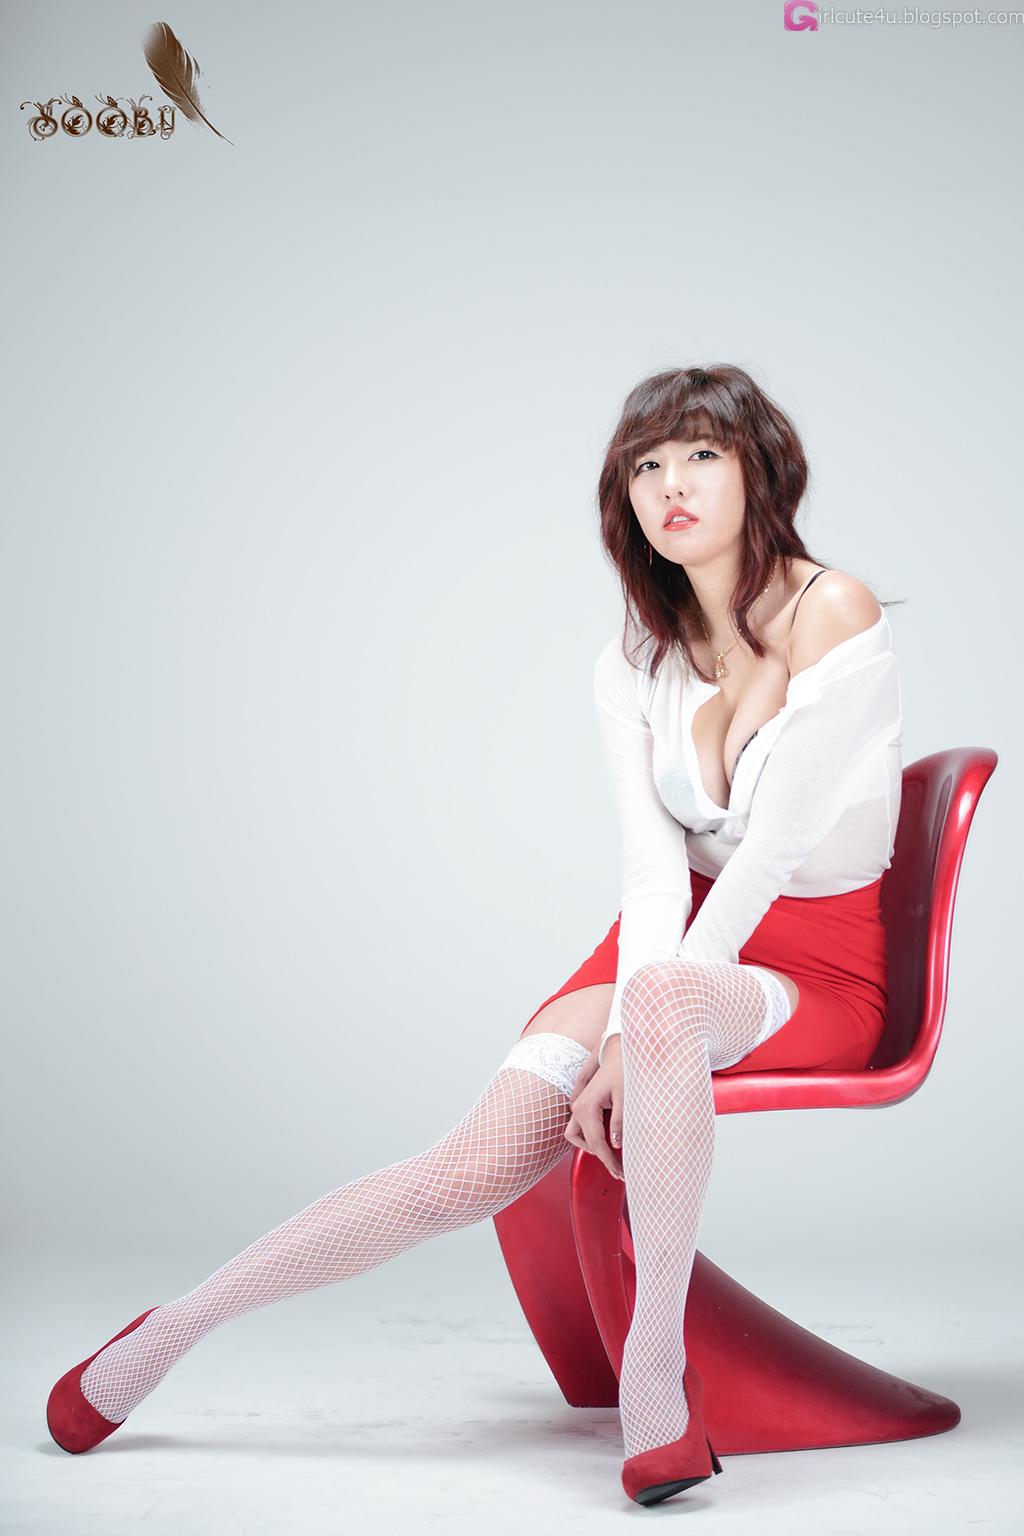 xxx nude girls: Playing Pool with Xia Xiao-Wei